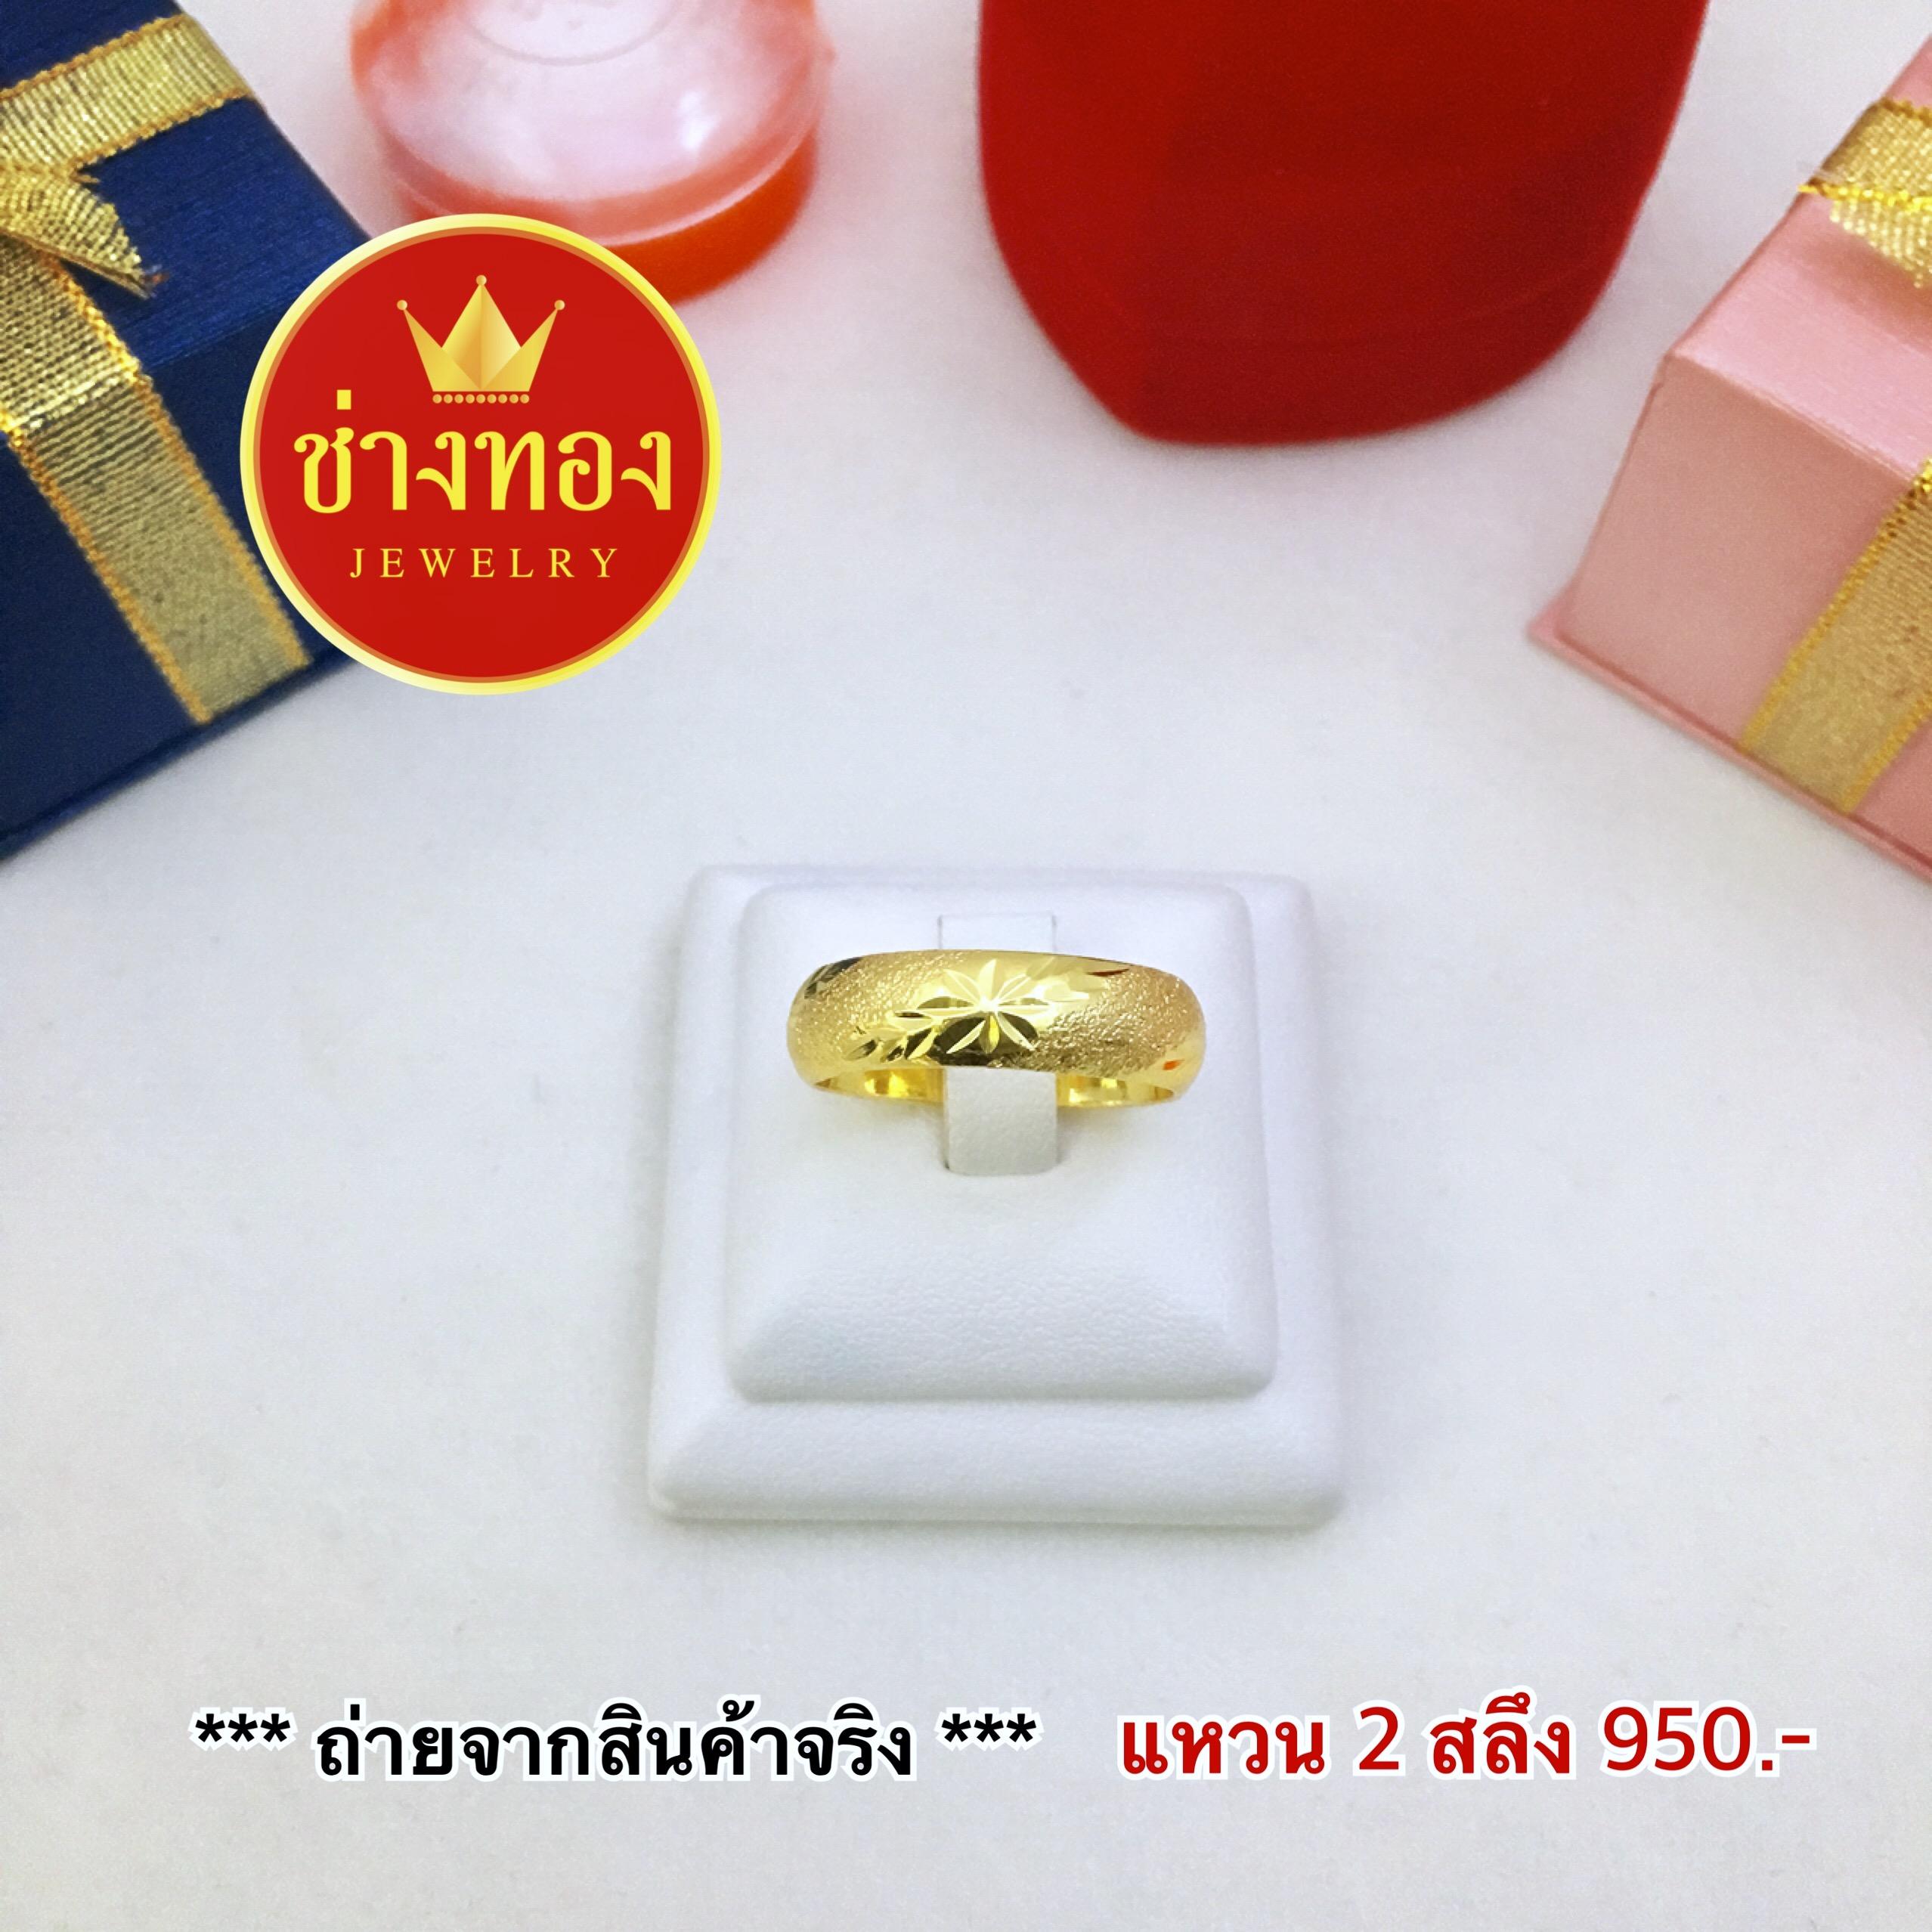 แหวนตัดลาย 2 สลึง Size 52,54,55,56,58,60